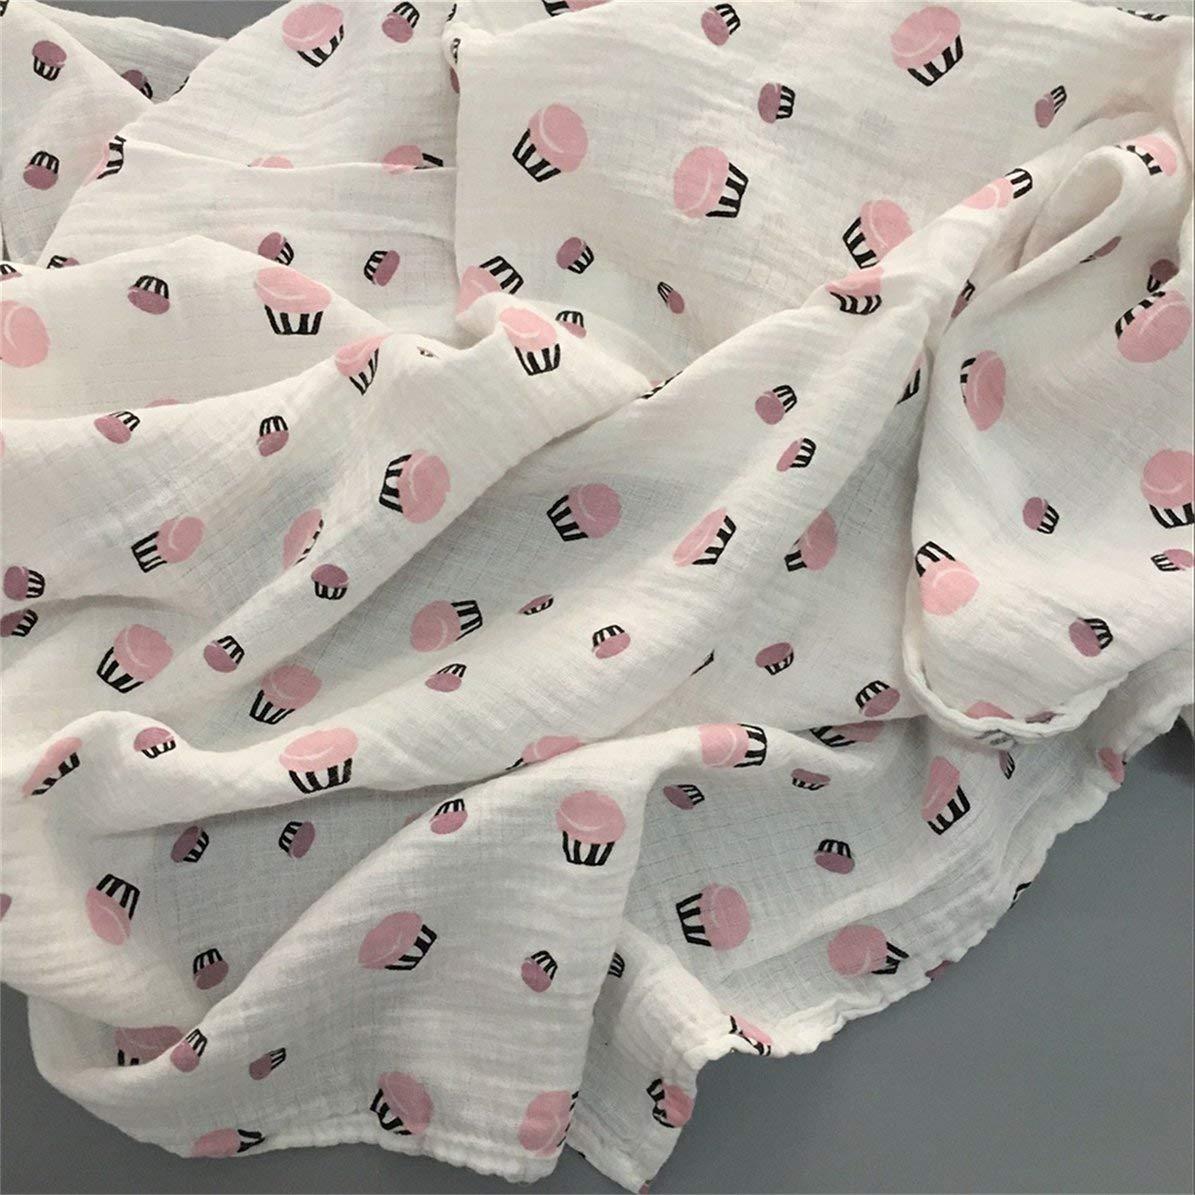 120x120cm Manta de muselina para beb/é manta para beb/é Algod/ón 100/% Reci/én nacido Toalla de ba/ño para beb/é Mantas Swaddle Multi Dise/ños Funciones gatito multicolor WEIWEITOE